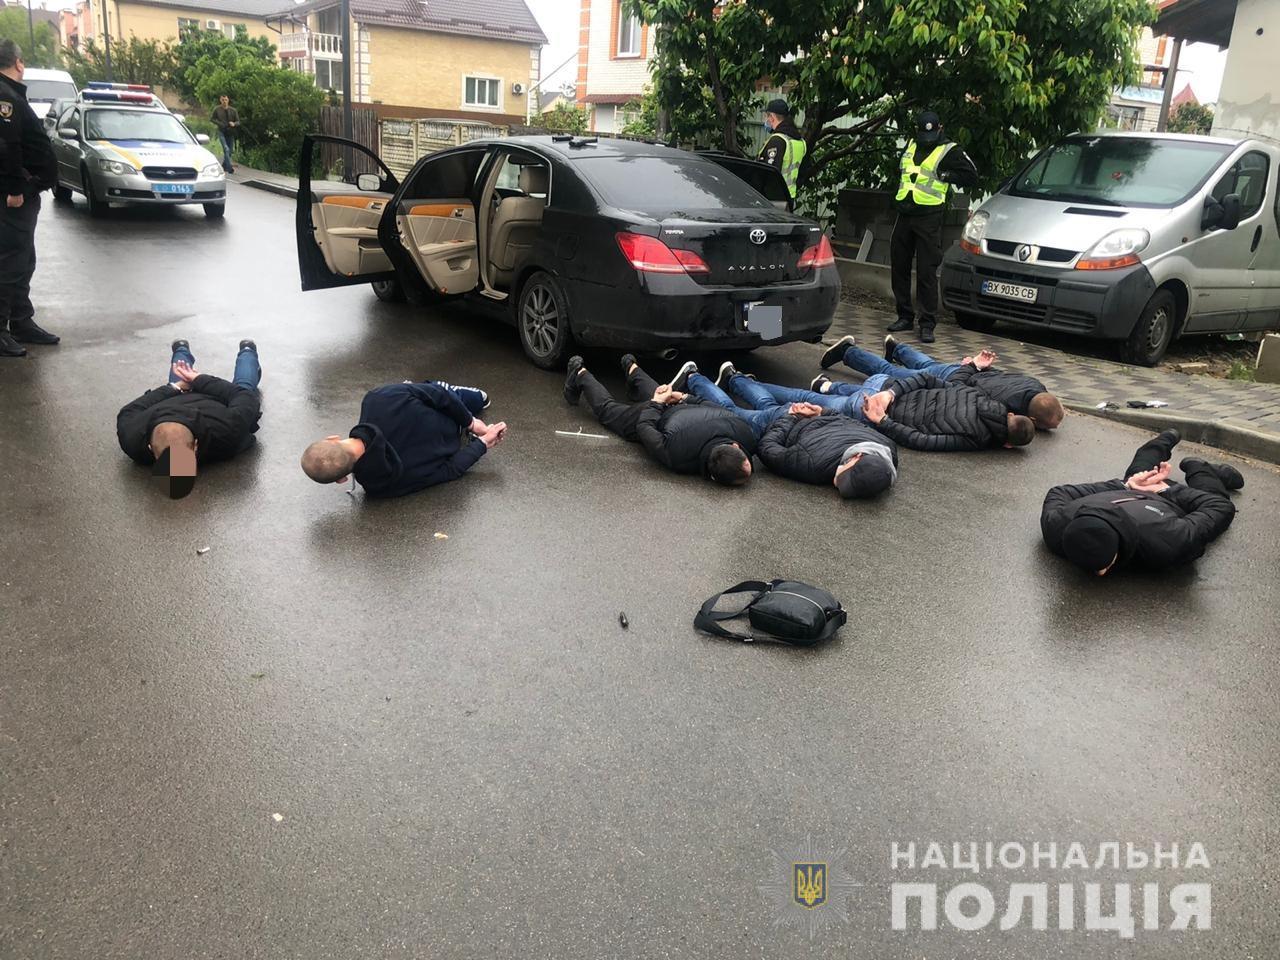 В перестрелке в Броварах участвовали сотрудники четырех охранных фирм